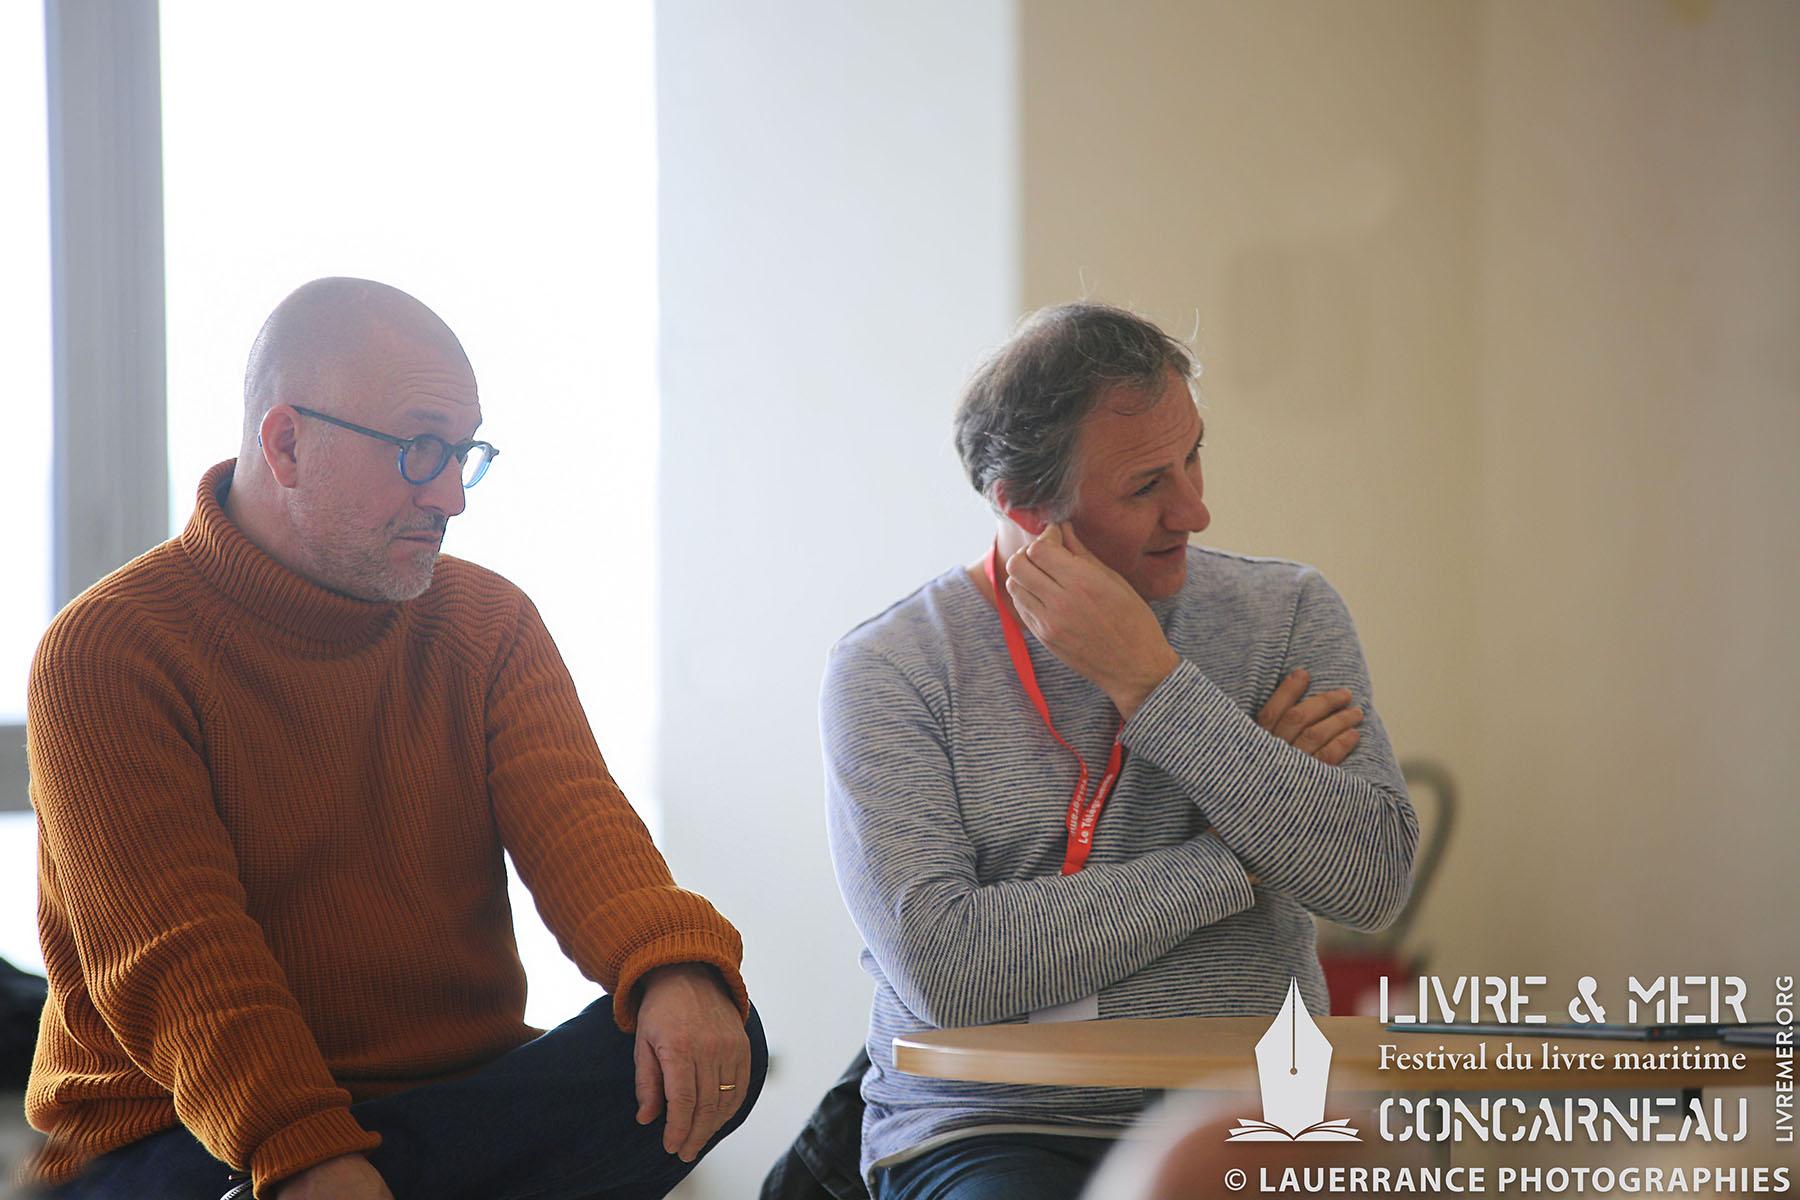 Jean-Yves Delitte & Franck Bonnet © Lauerrance Photographies